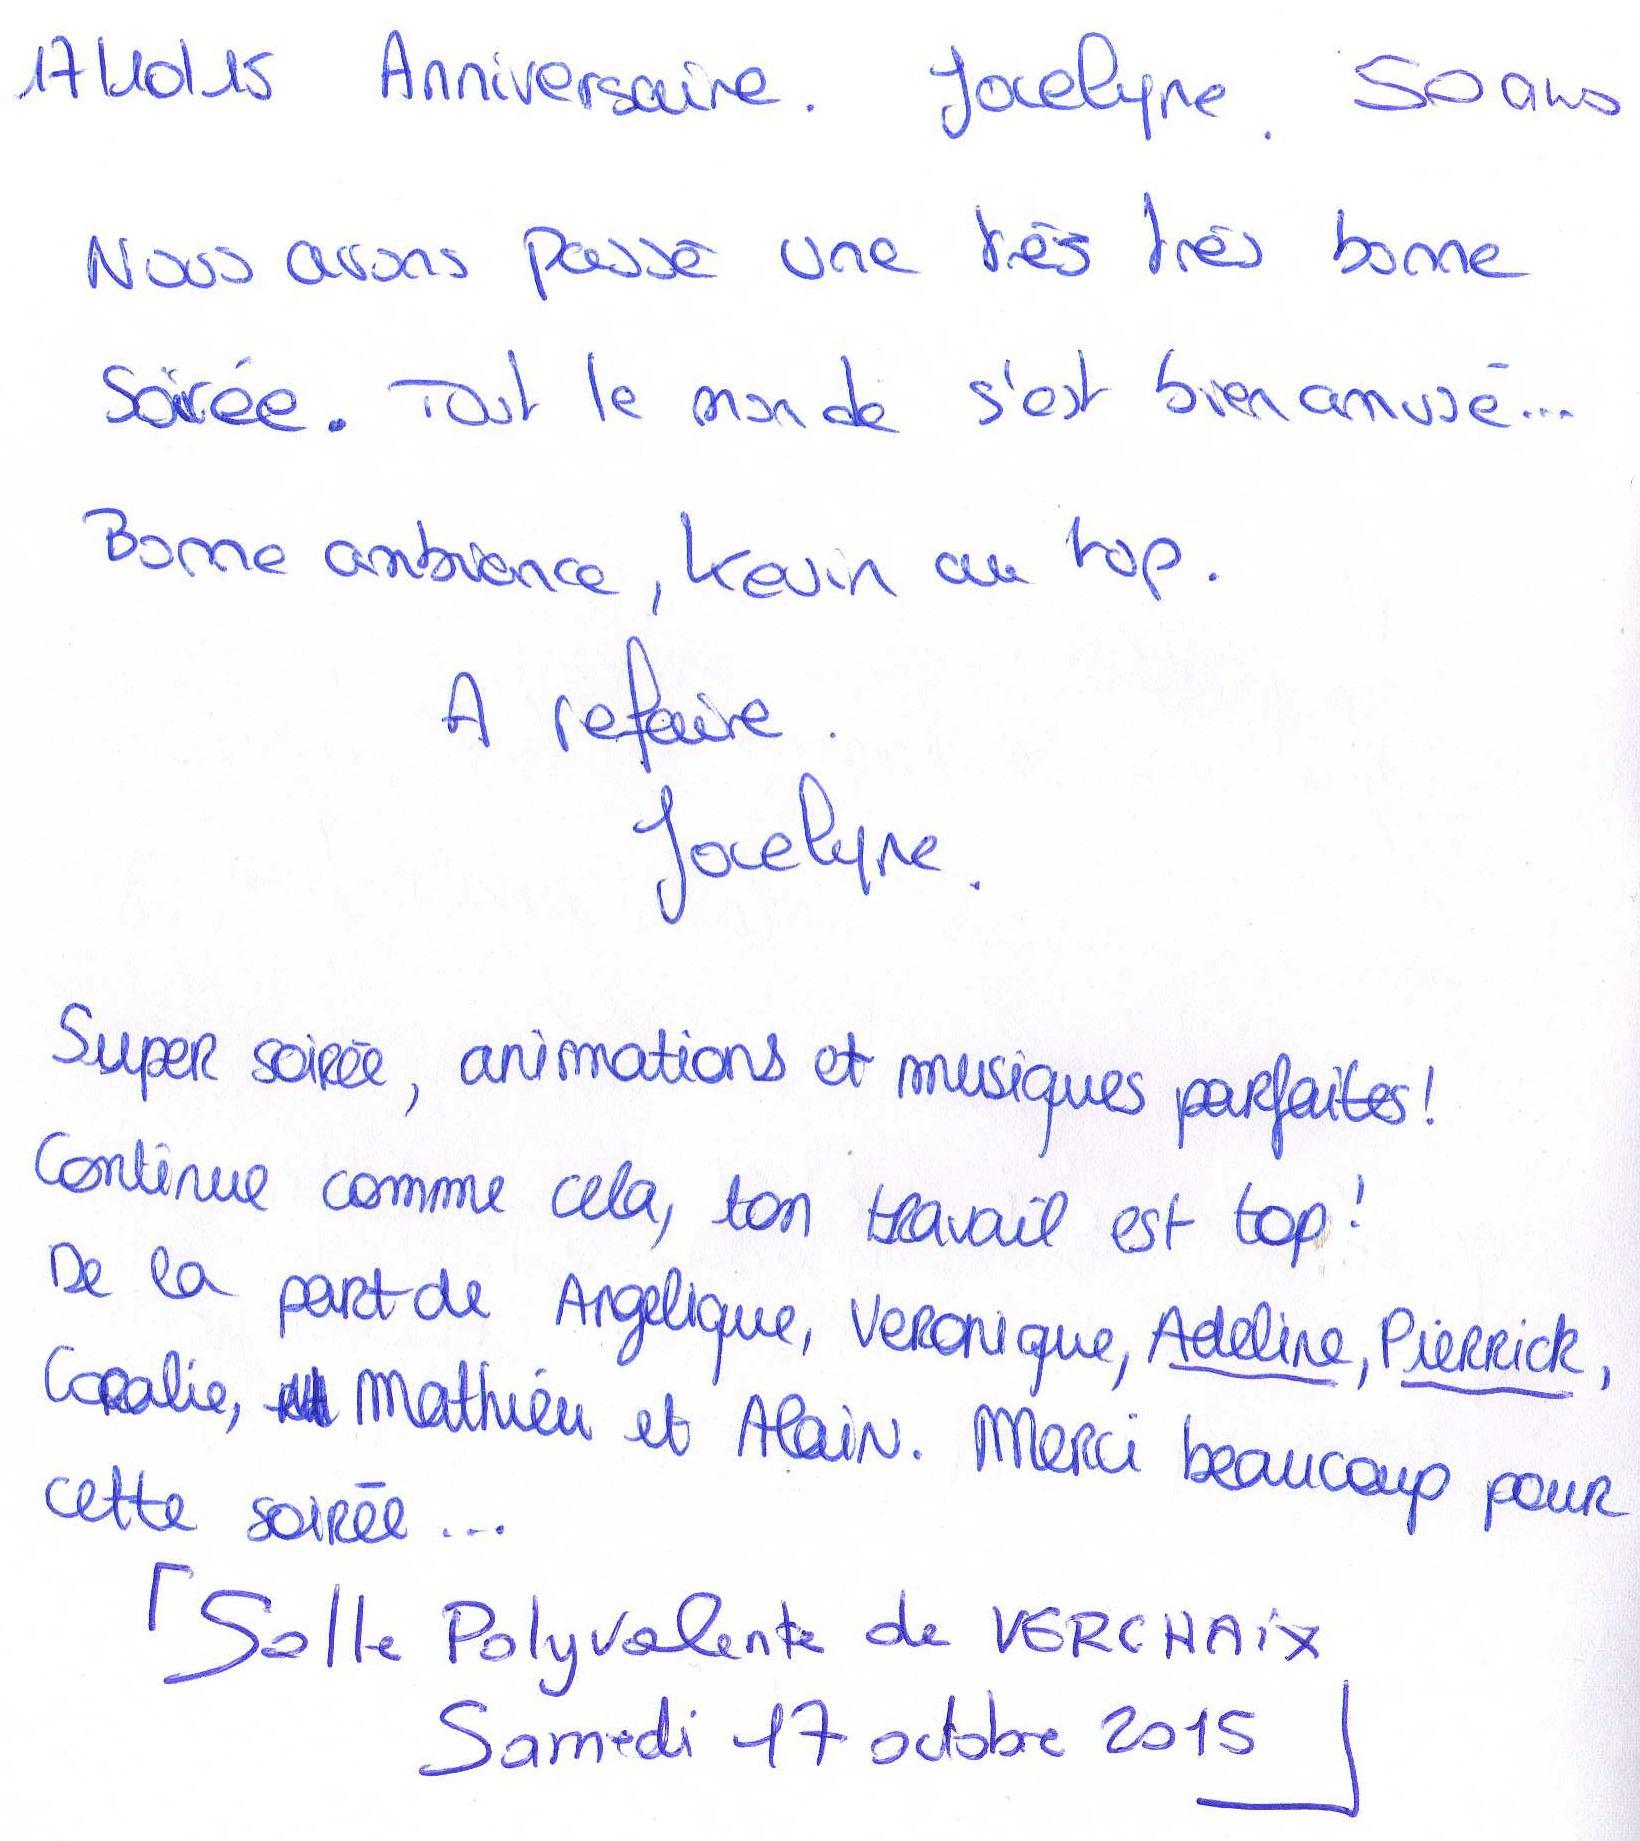 Les_50_ans_de_JOCELYNE_à_la_Salle_polyvalente_de_VERCHAIX_samedi_17_octobre_2015